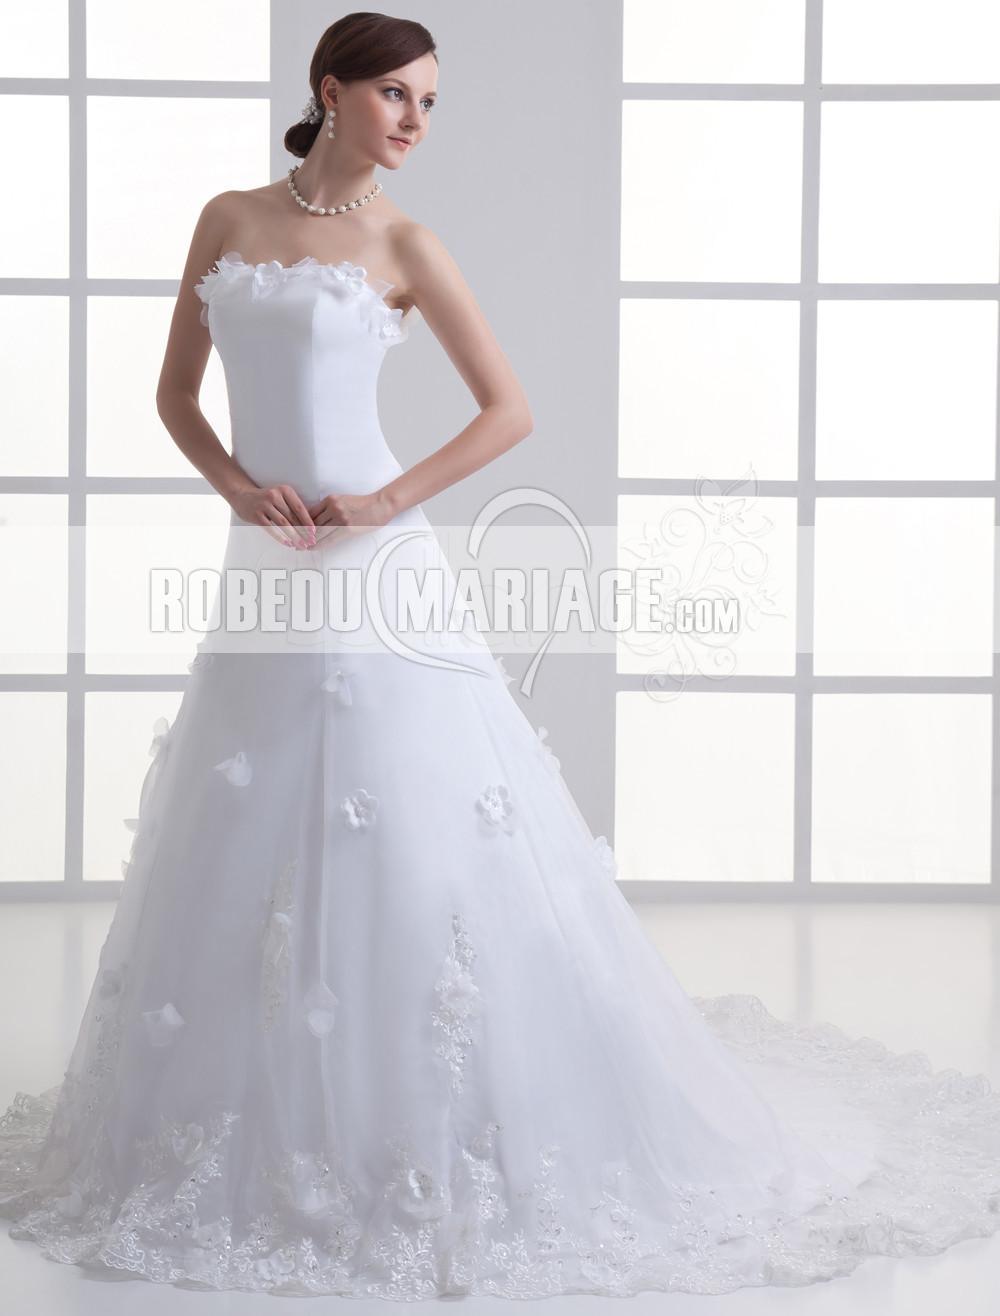 mariage > Robe de mariée moderne > A-ligne robe de mariage pas cher ...